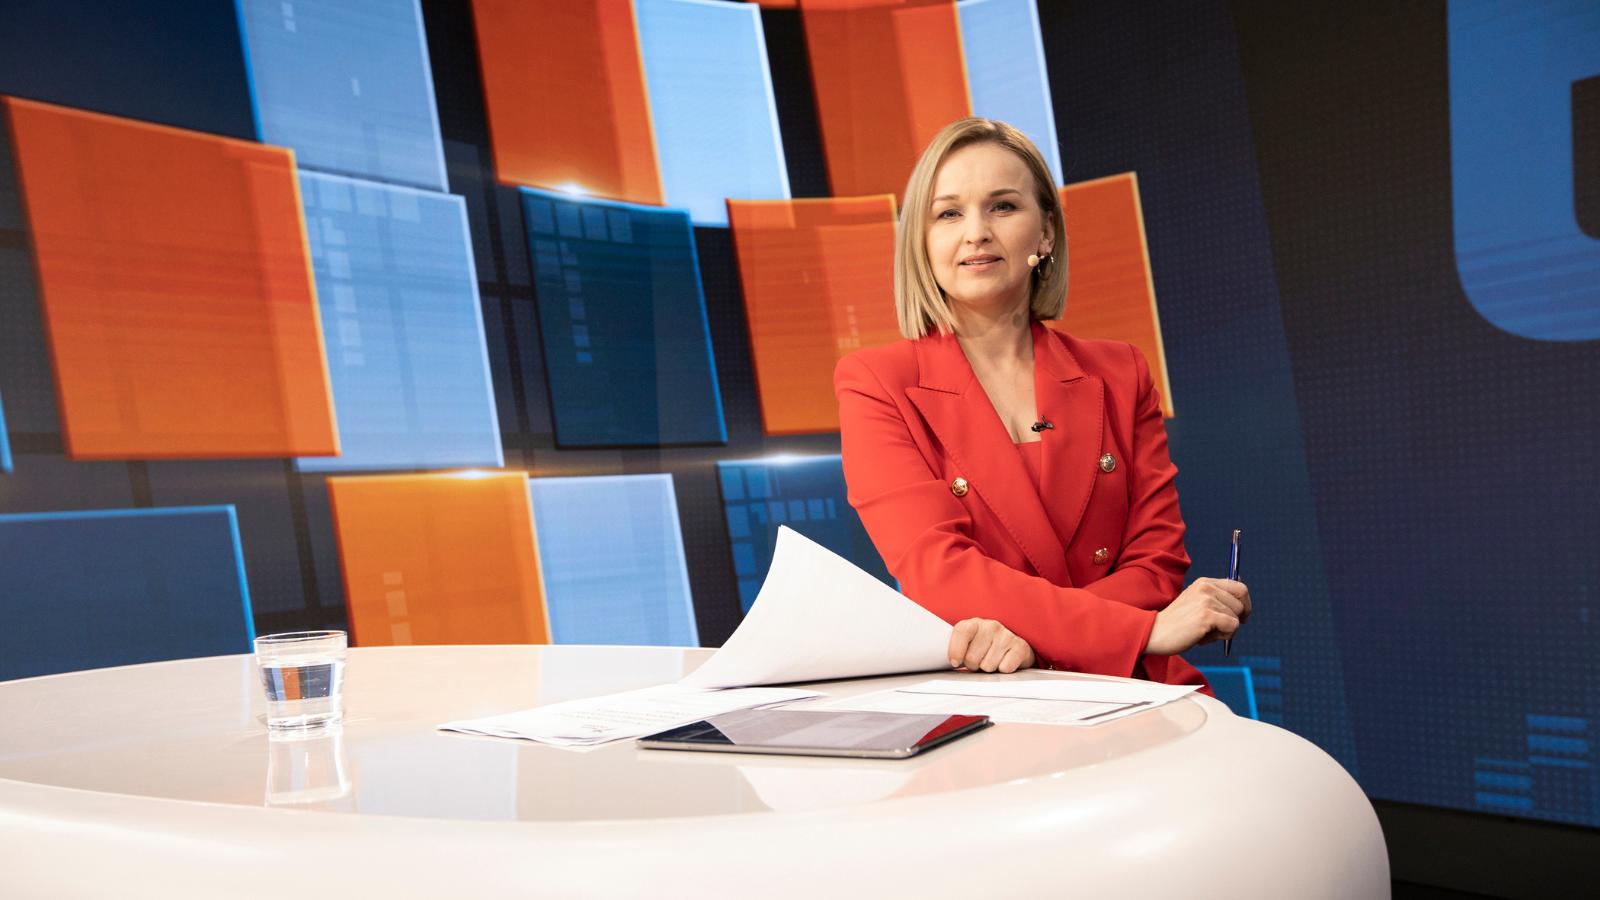 Алина Ковшик – журналистка и телеведущая Belsat.